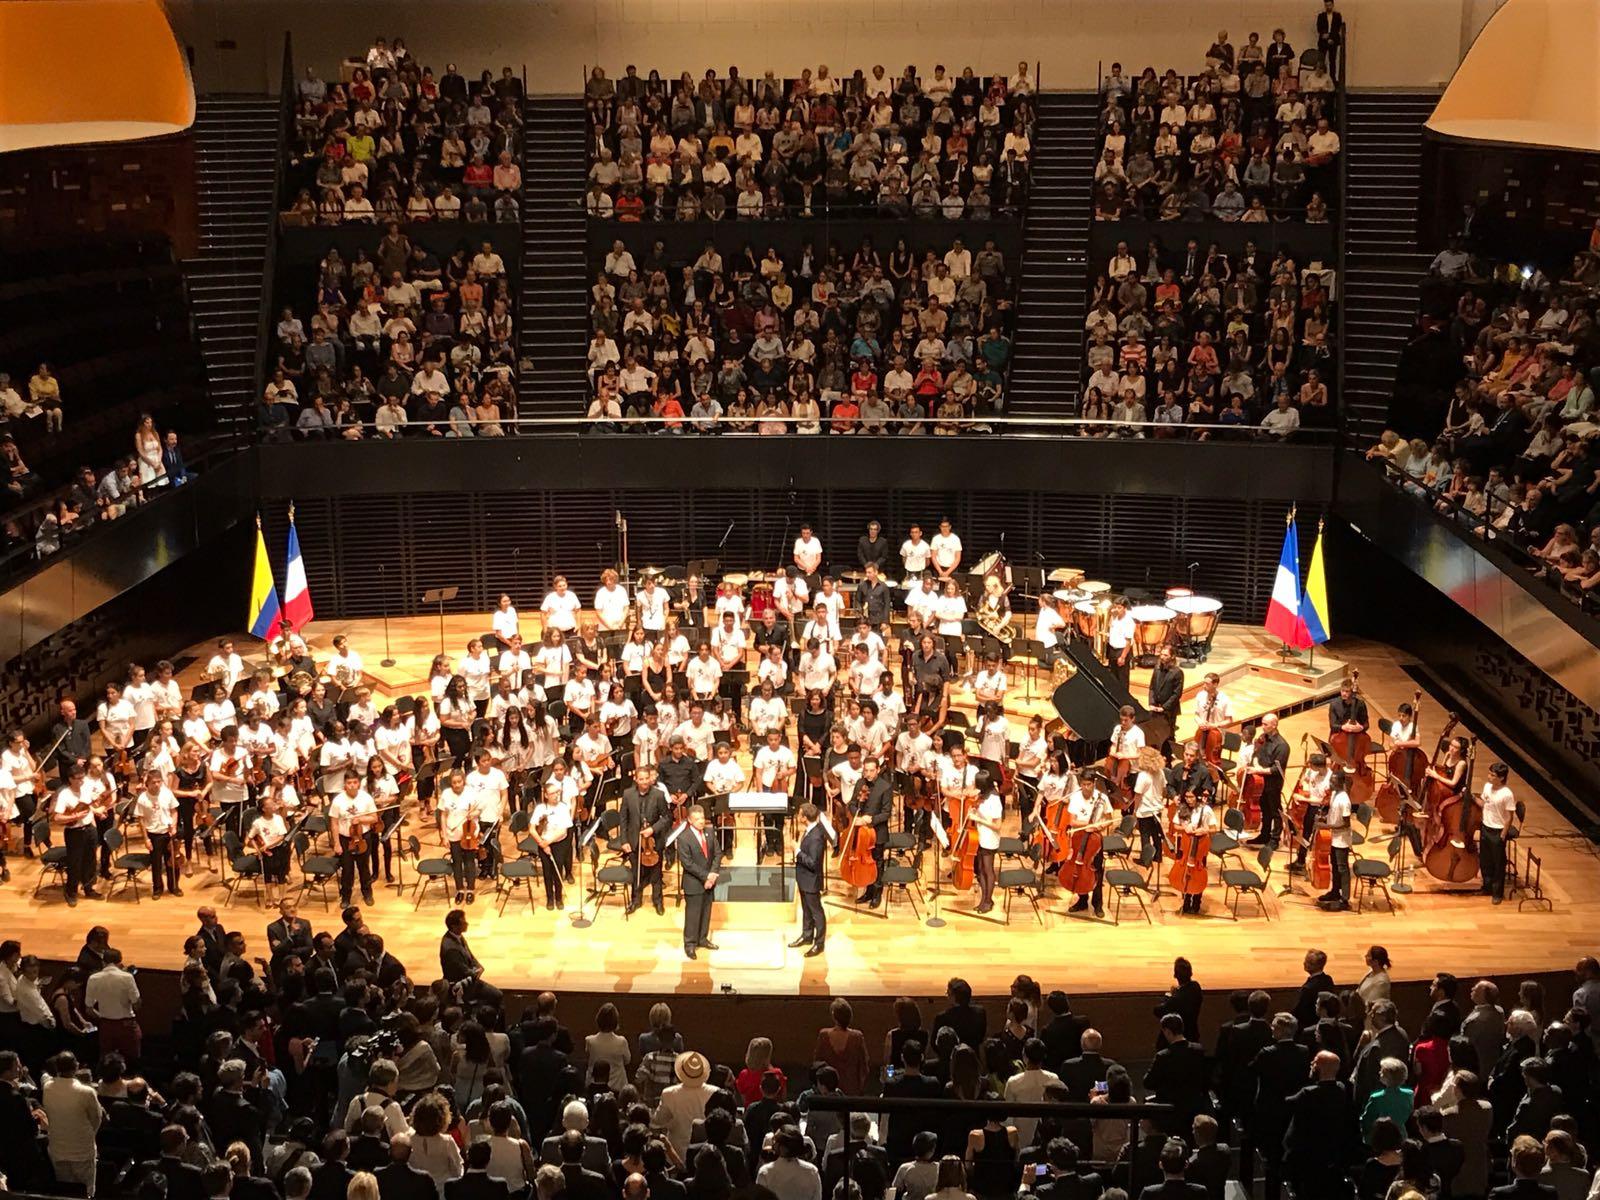 Concierto en la emblem tica philharmonie de par s la for Conciertos paris 2017